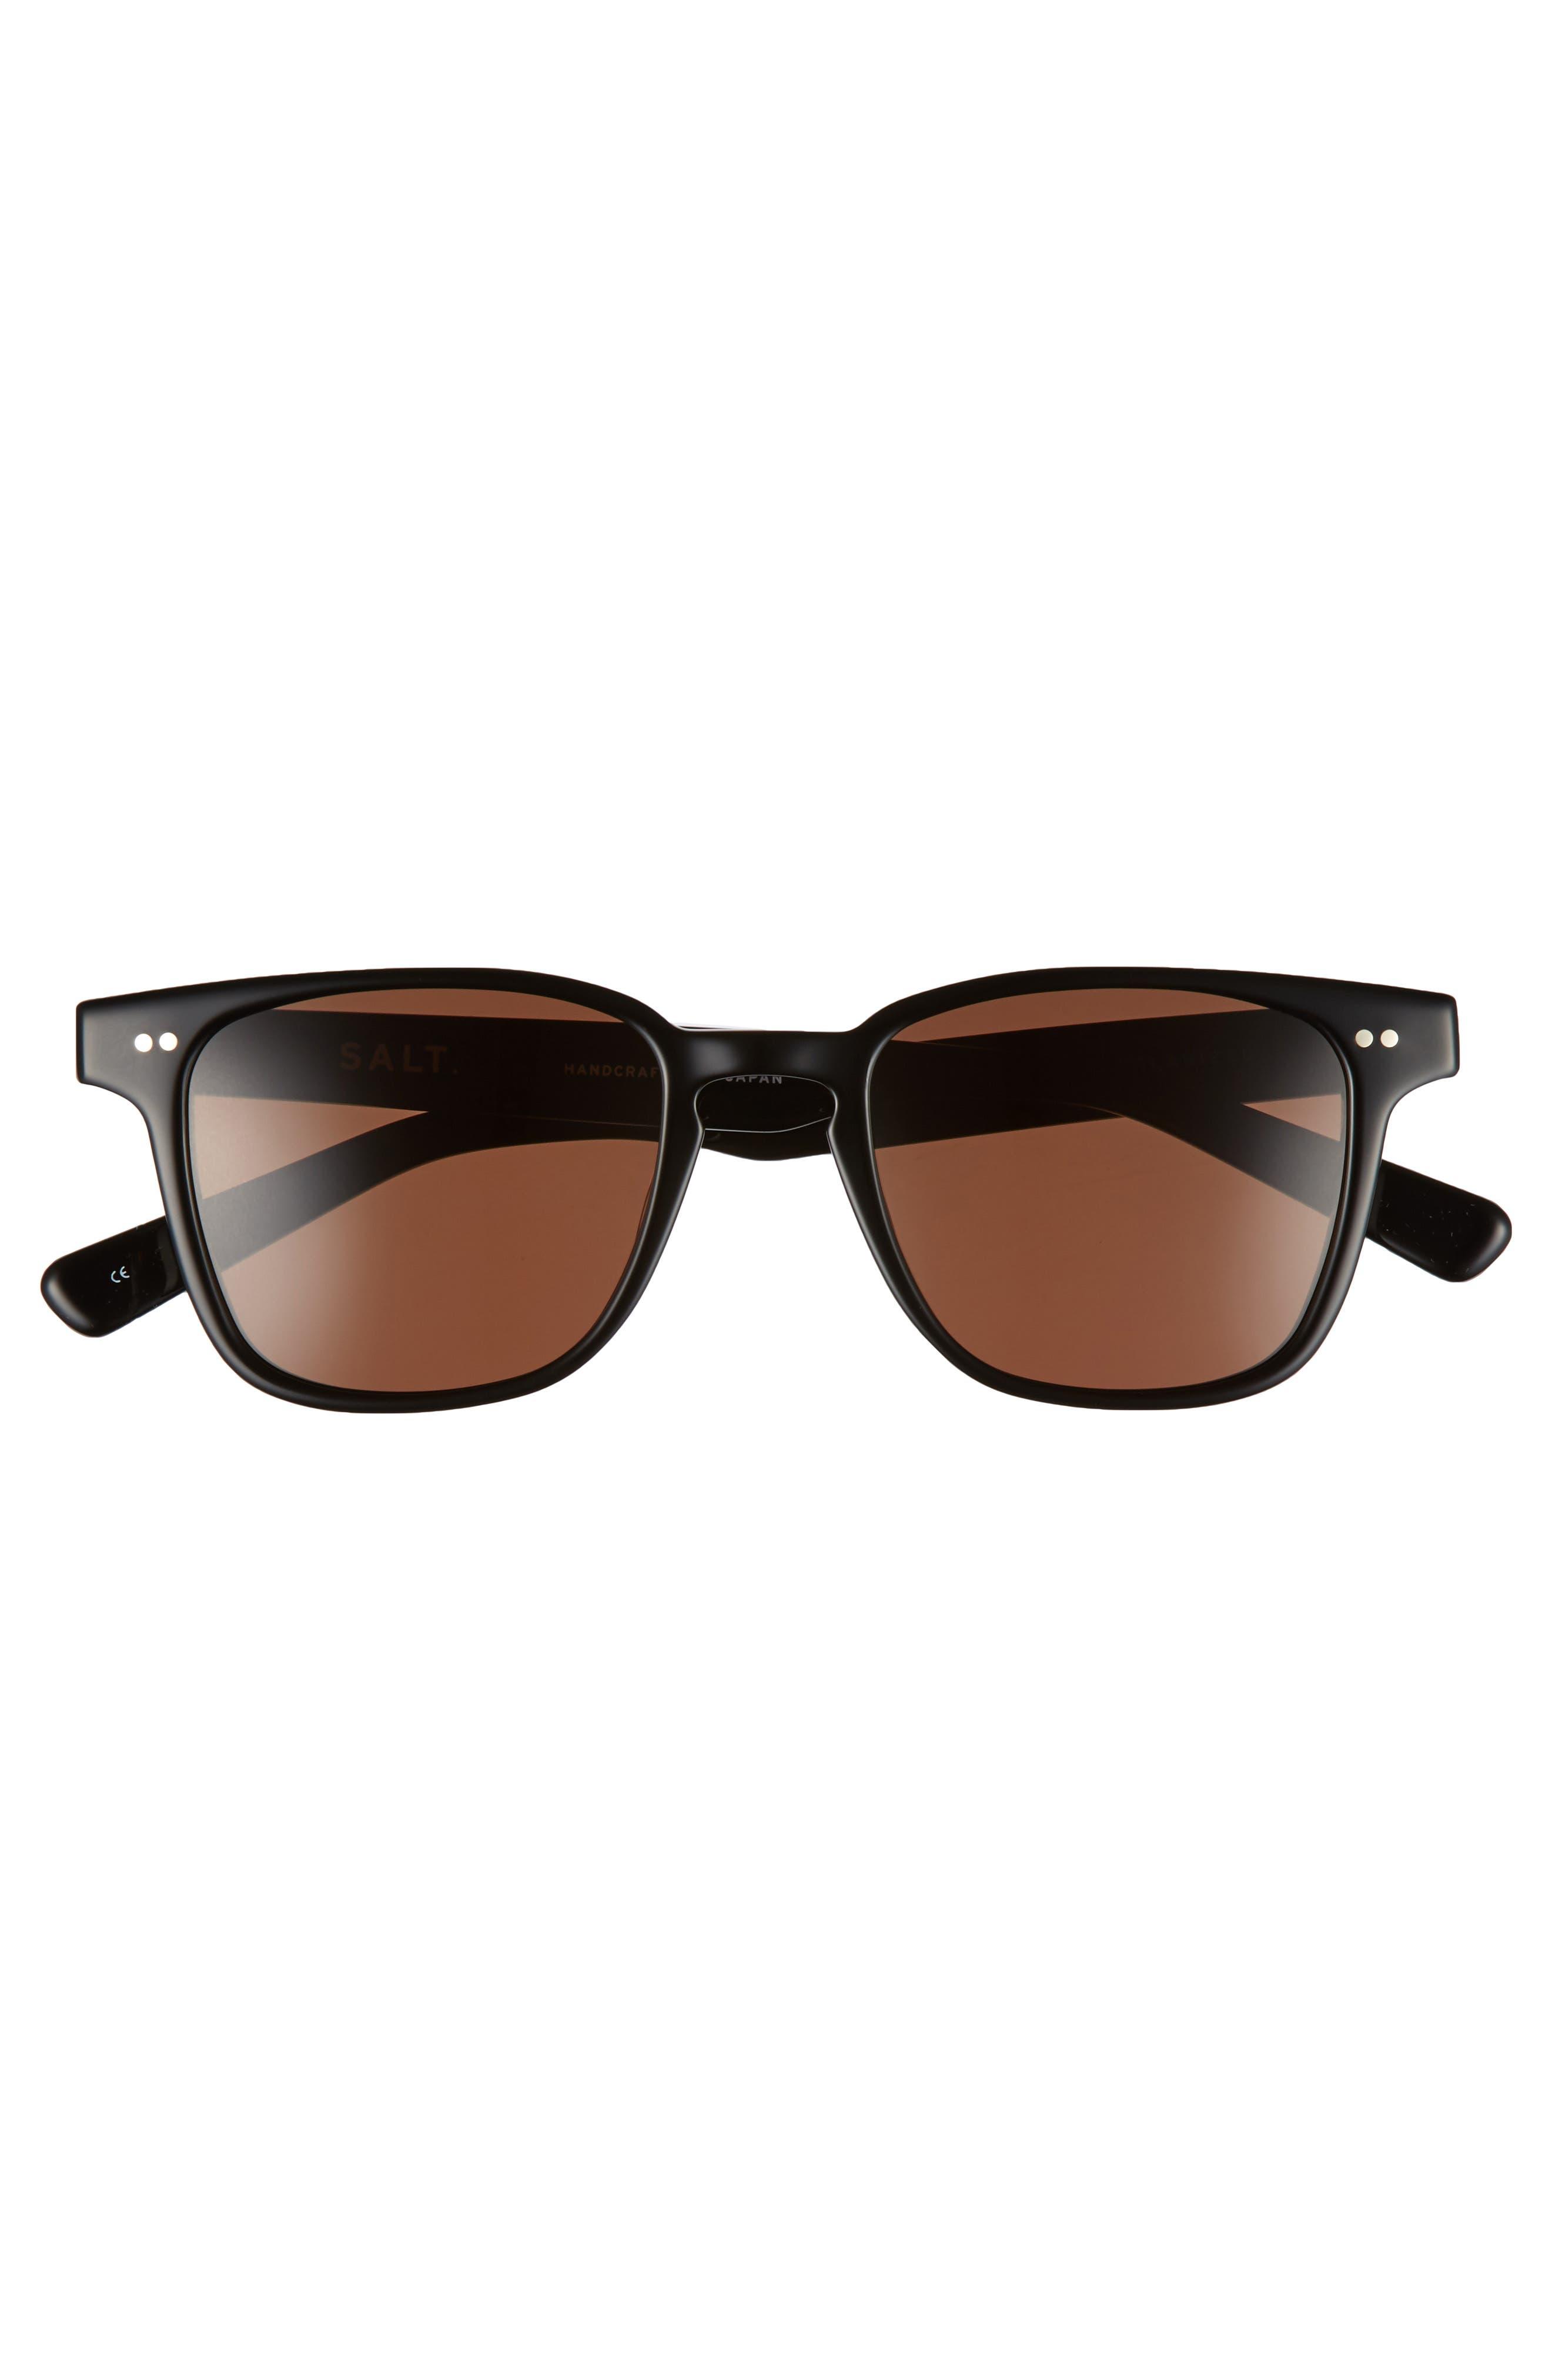 2290731110865 salt sunglasses for men